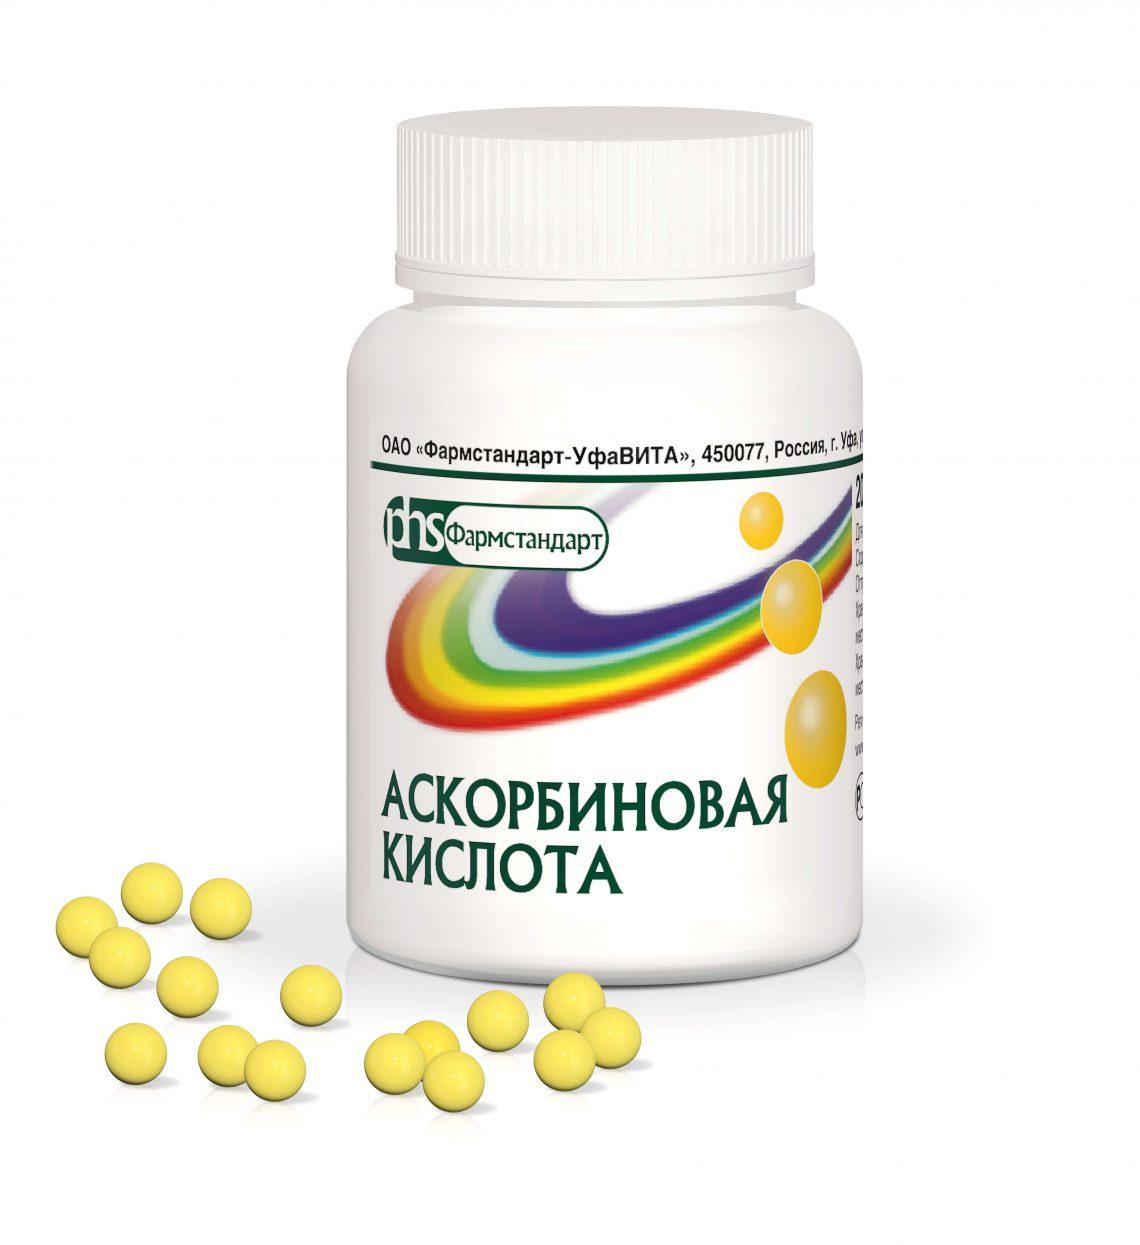 Аскорбиновая кислота для диабетиков